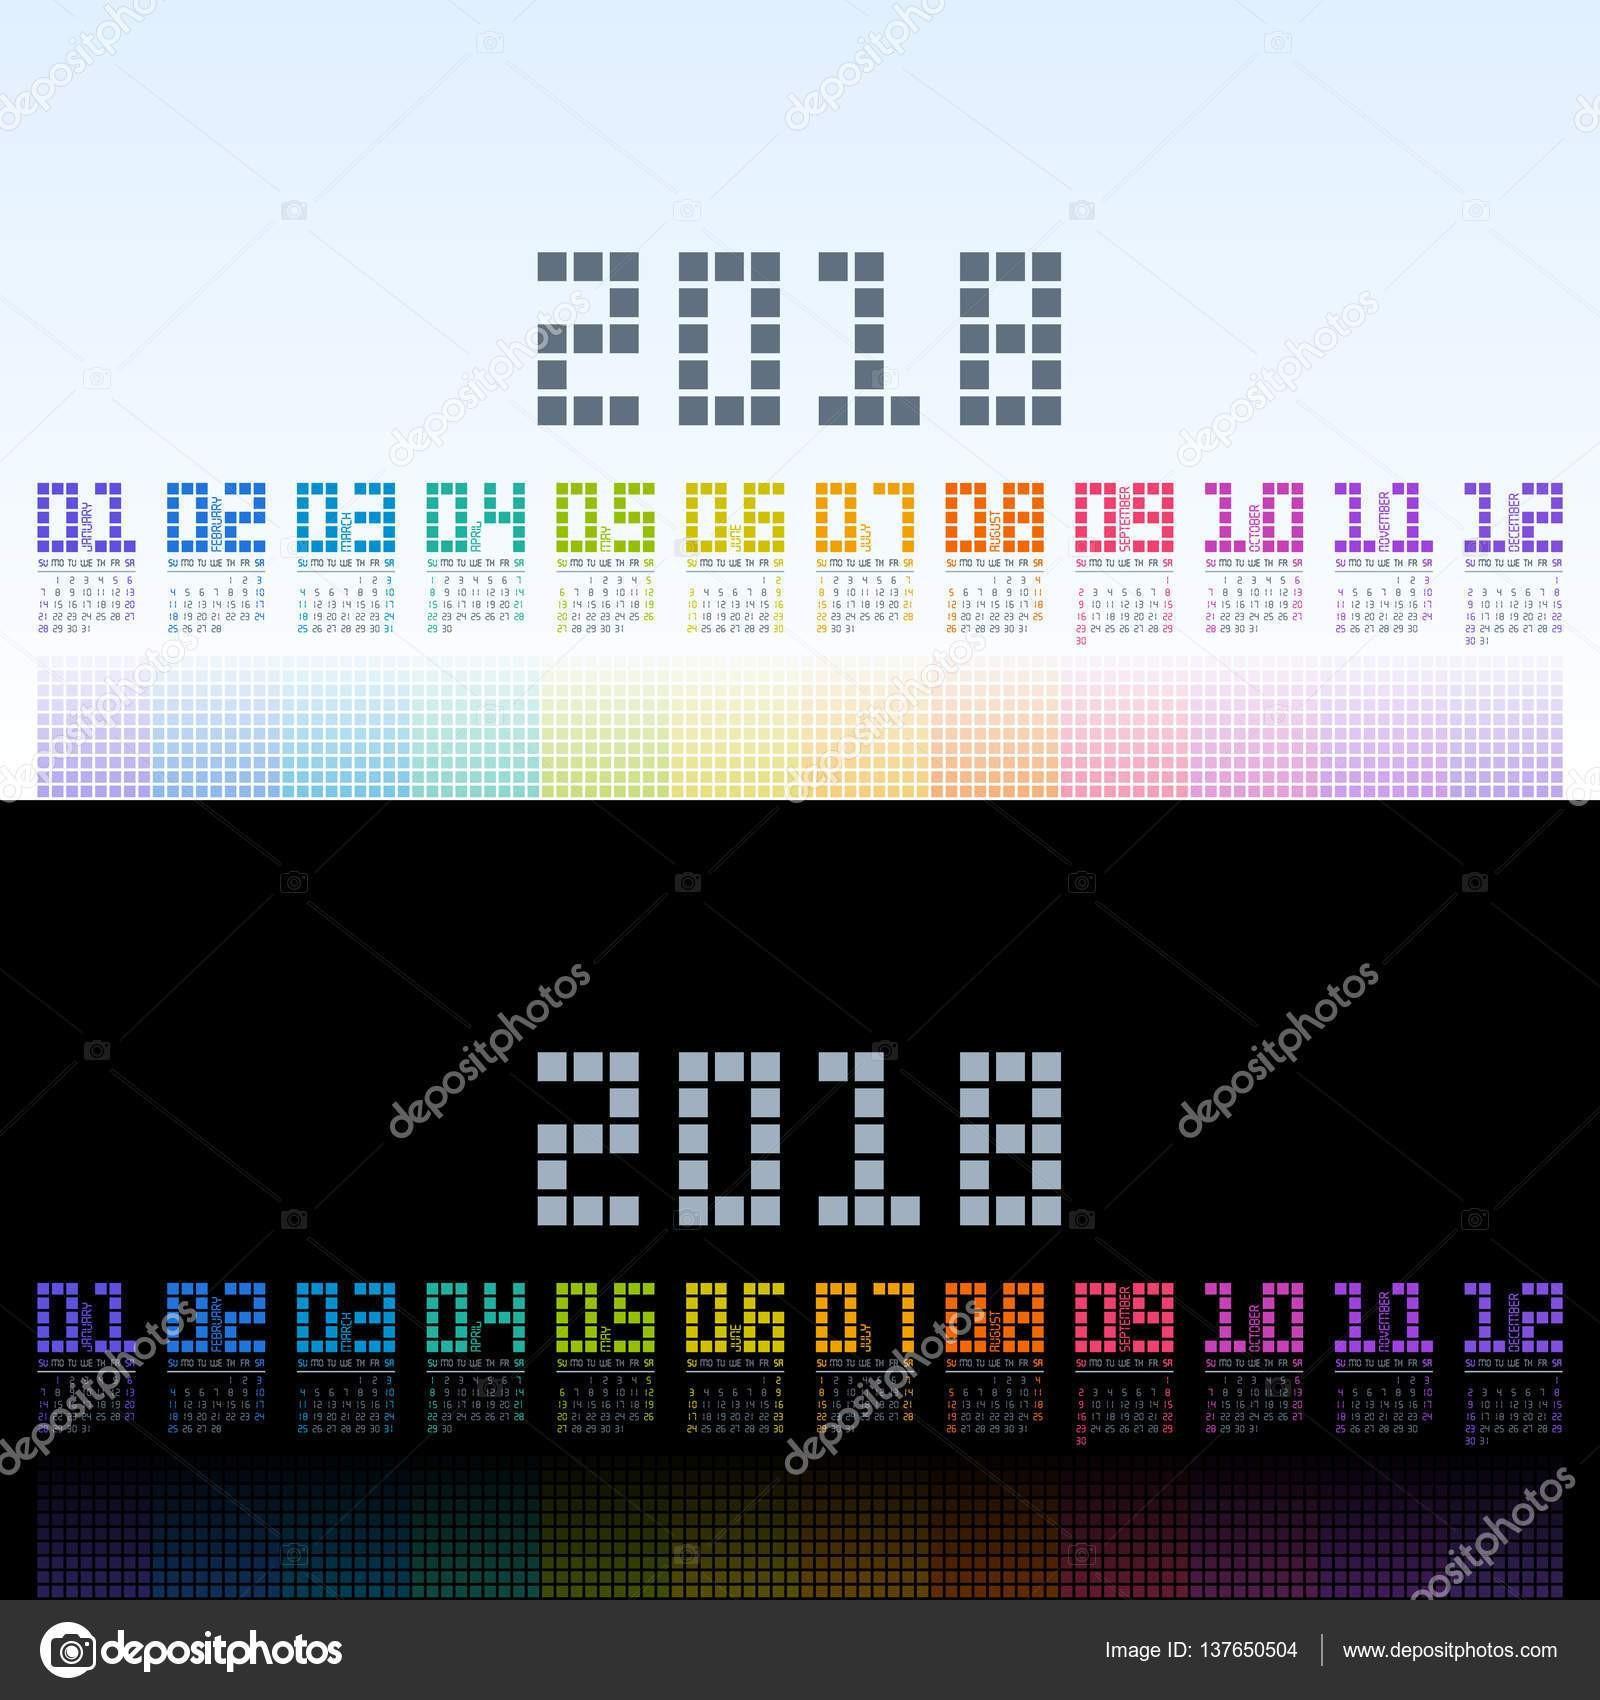 Calendario 2019 Vector Free Recientes Calendar Template Rainbow Of Calendario 2019 Vector Free Más Arriba-a-fecha Info Regarding January Calendar 2019 Singapore Calendar Online 2019